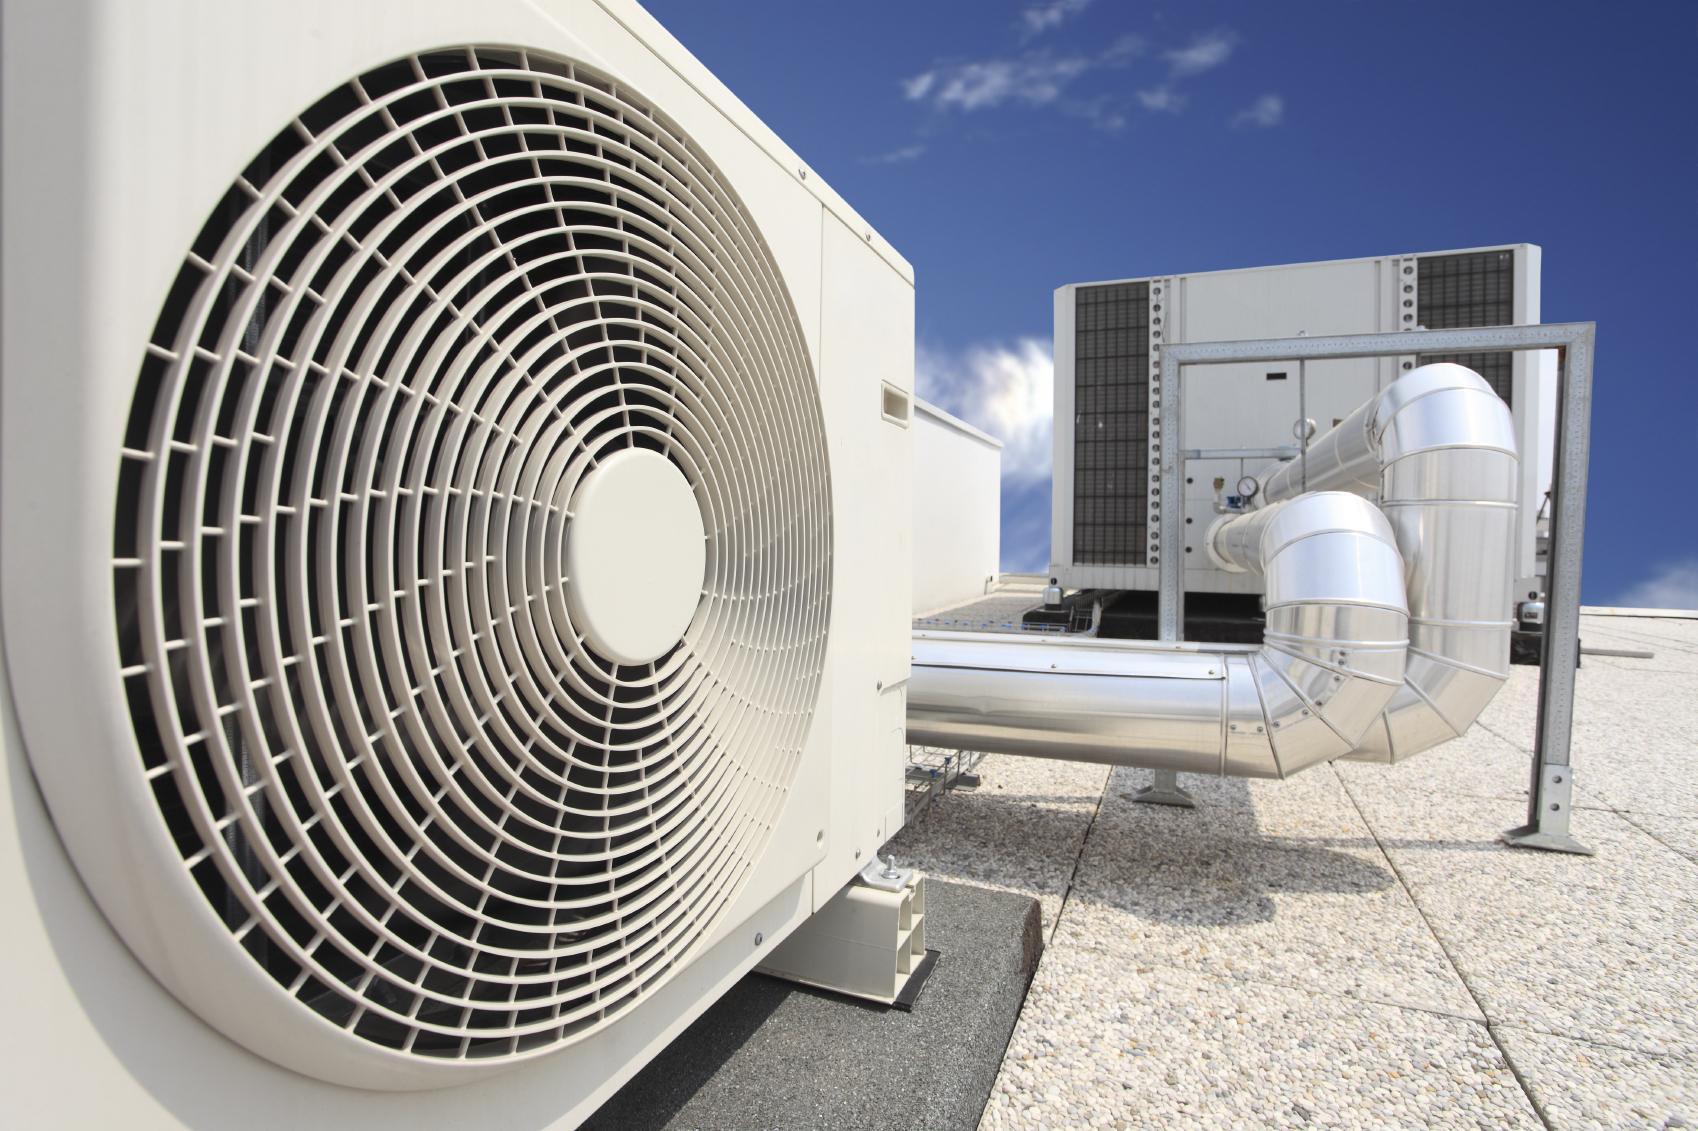 Υπηρεσίες Σχεδιασμού Θέρμανσης, Εξαερισμού και Κλιματισμού - HVAC